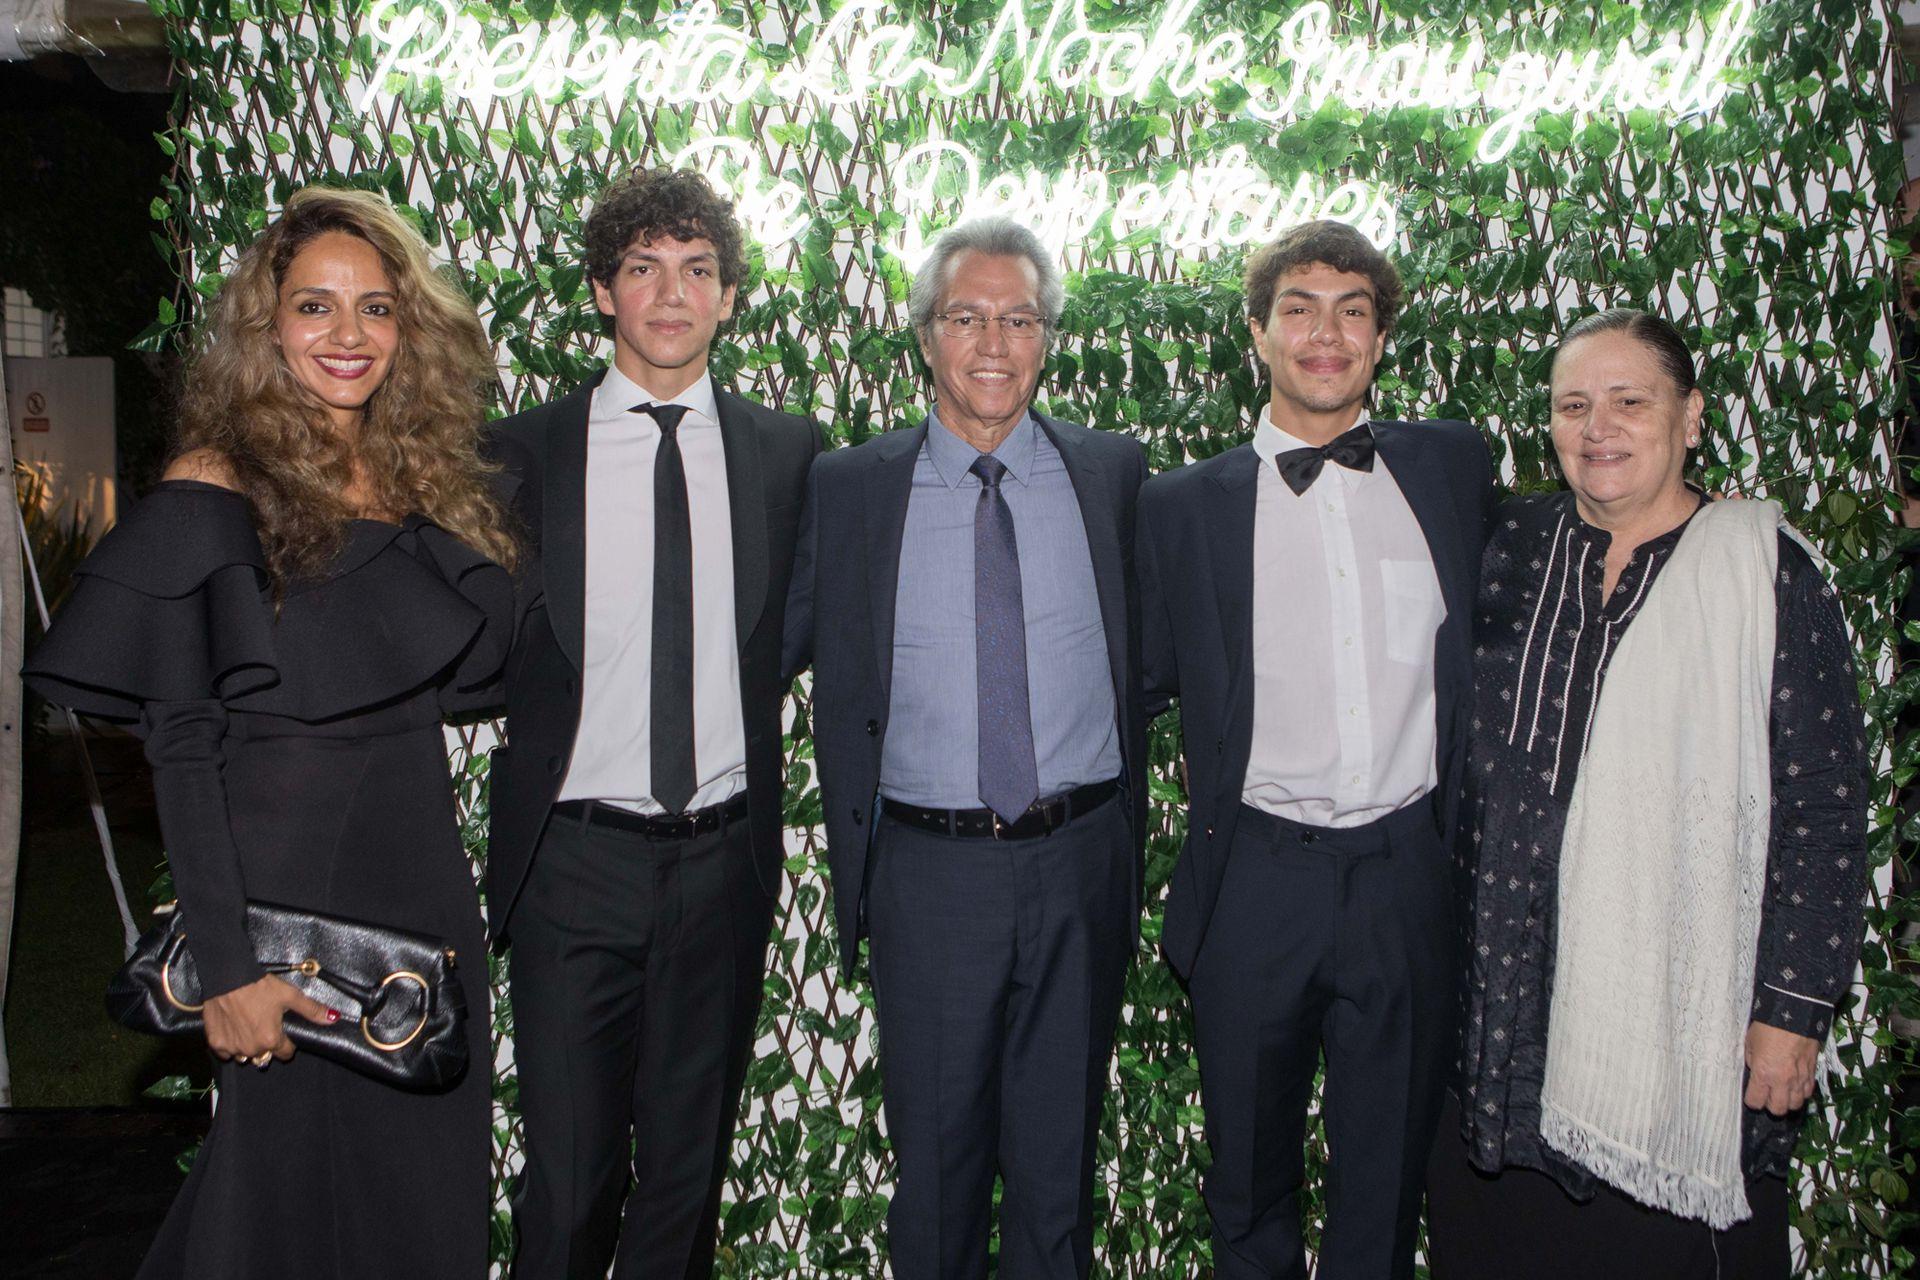 Los Hernández, de gala: Emilia, Isaac y Esteban con sus padres, Héctor y Laura